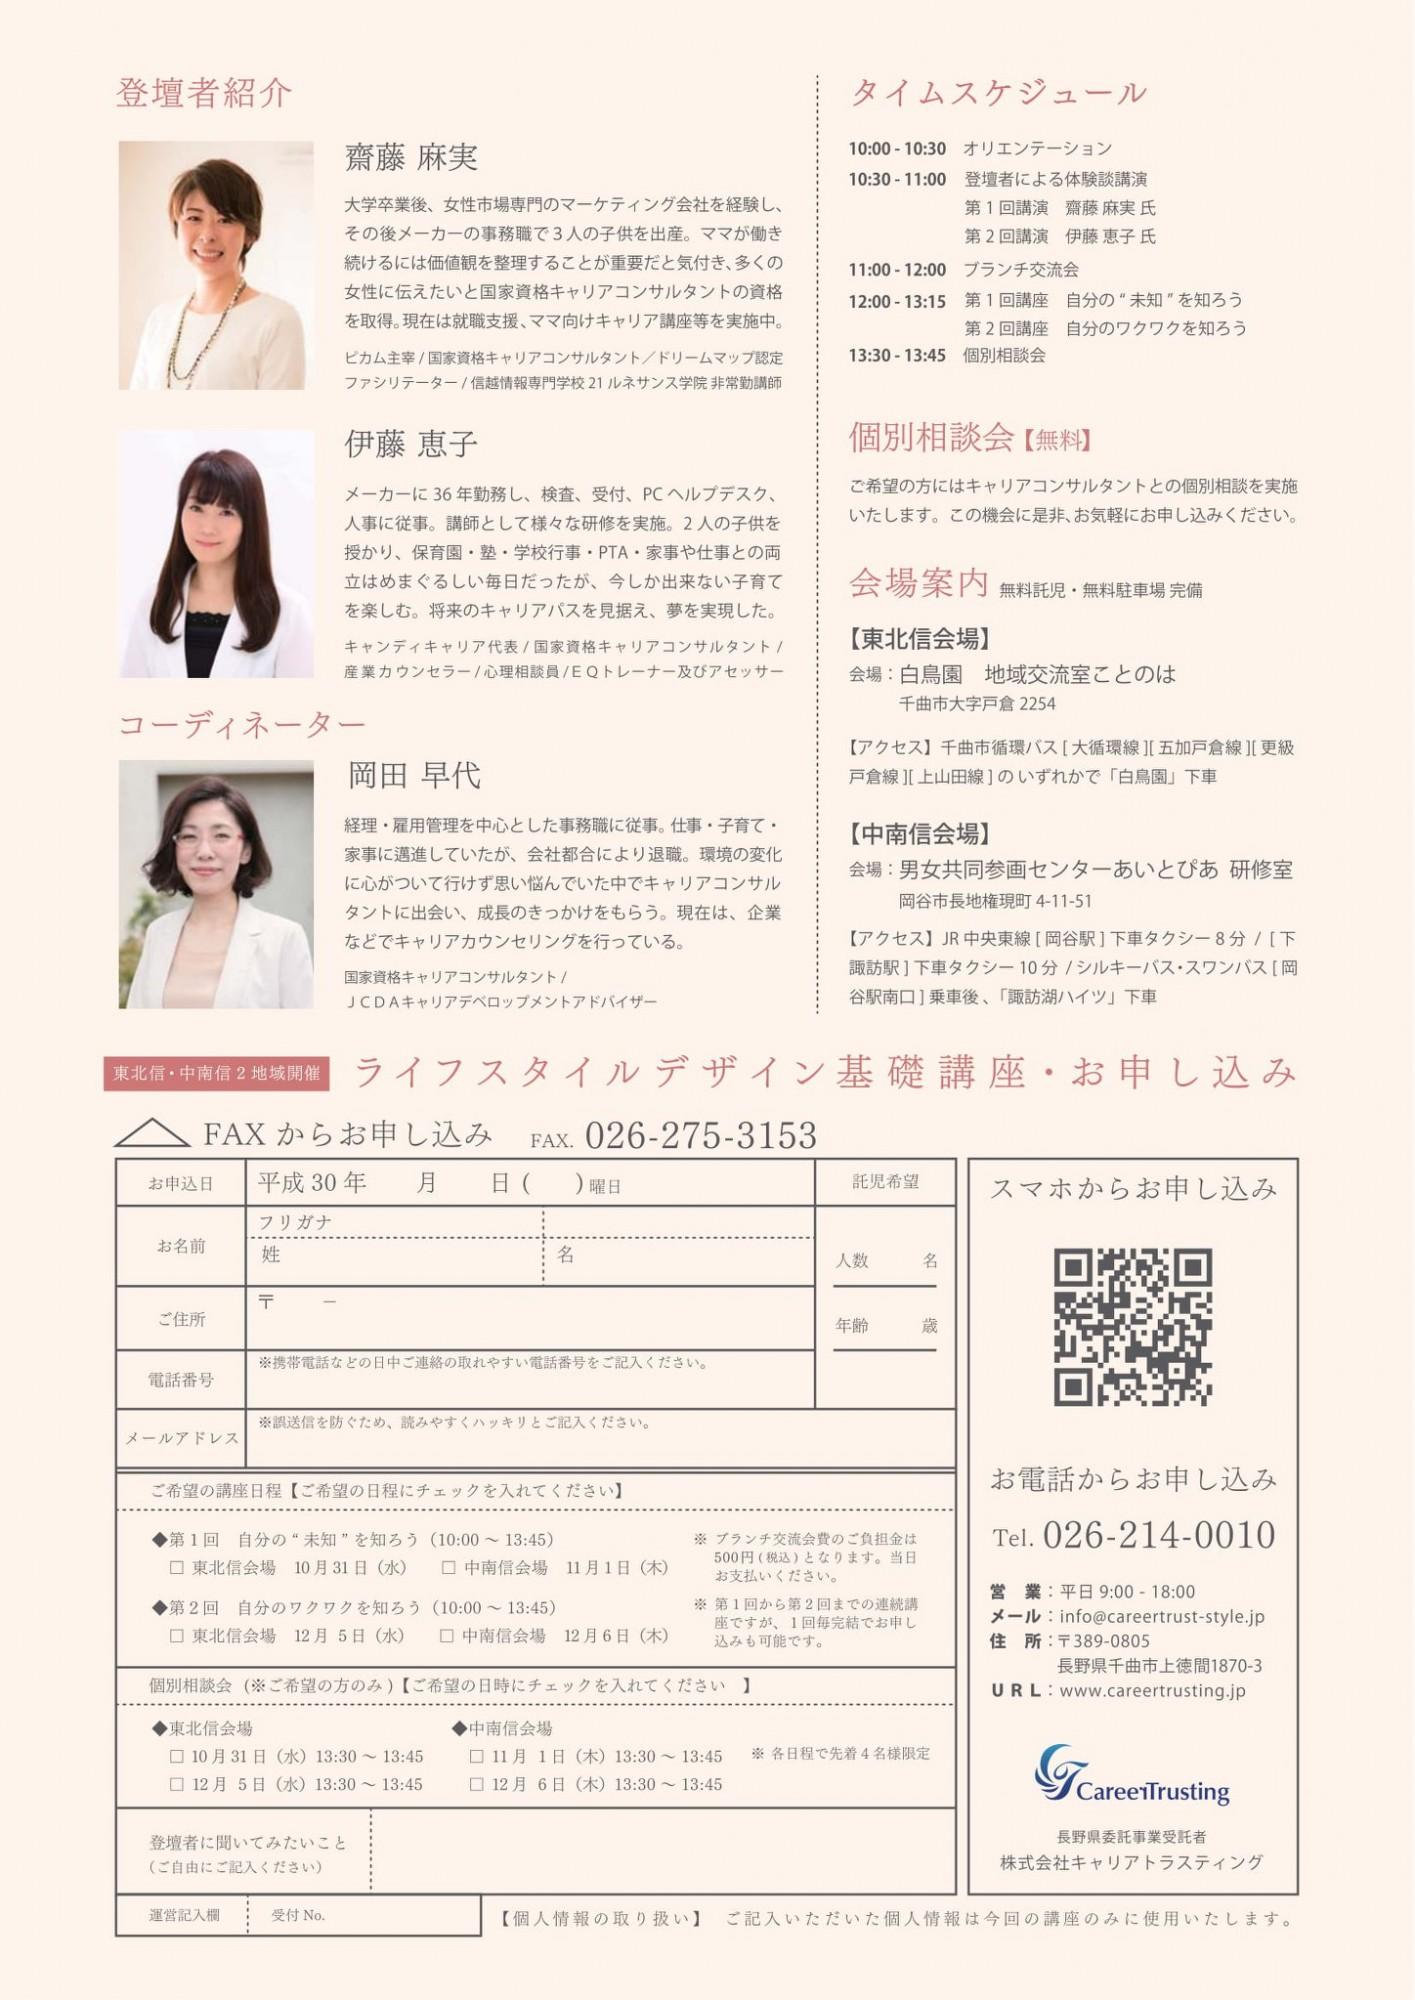 ライフスタイルデザイン基礎講座チラシ(裏)